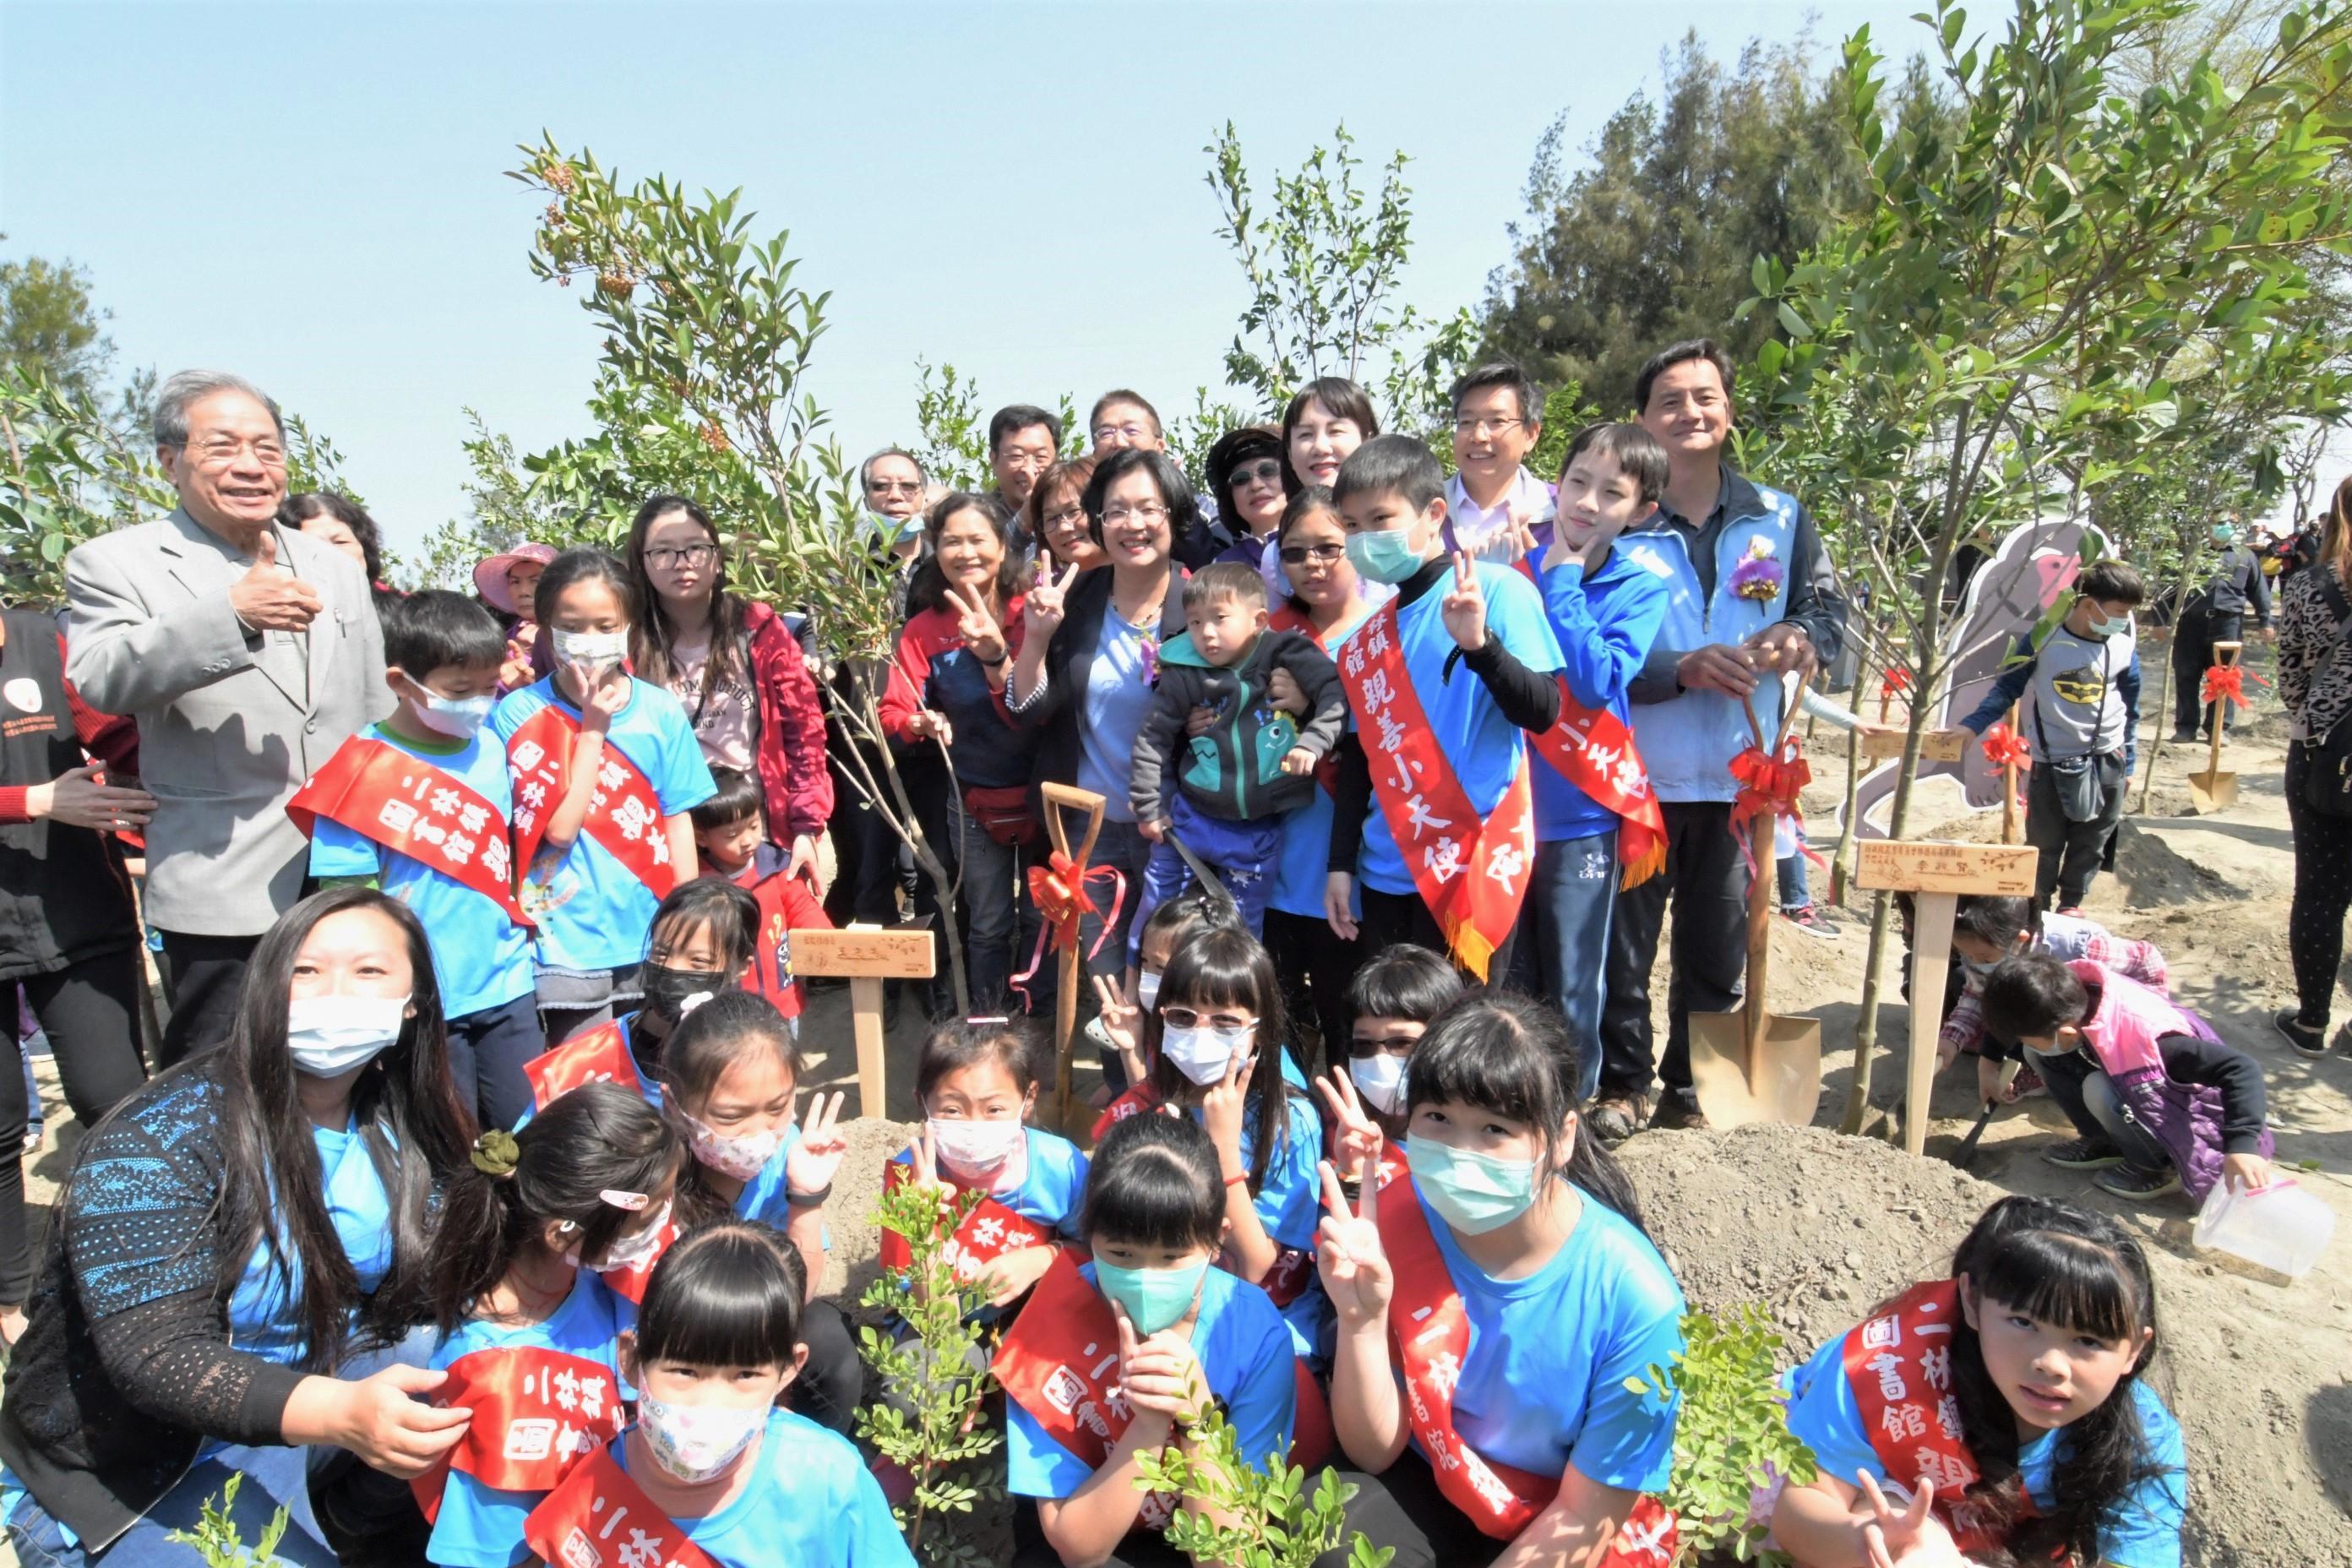 防疫深呼吸  彰化縣2020做伙植樹在二林    鼓勵大家走出戶外多種樹